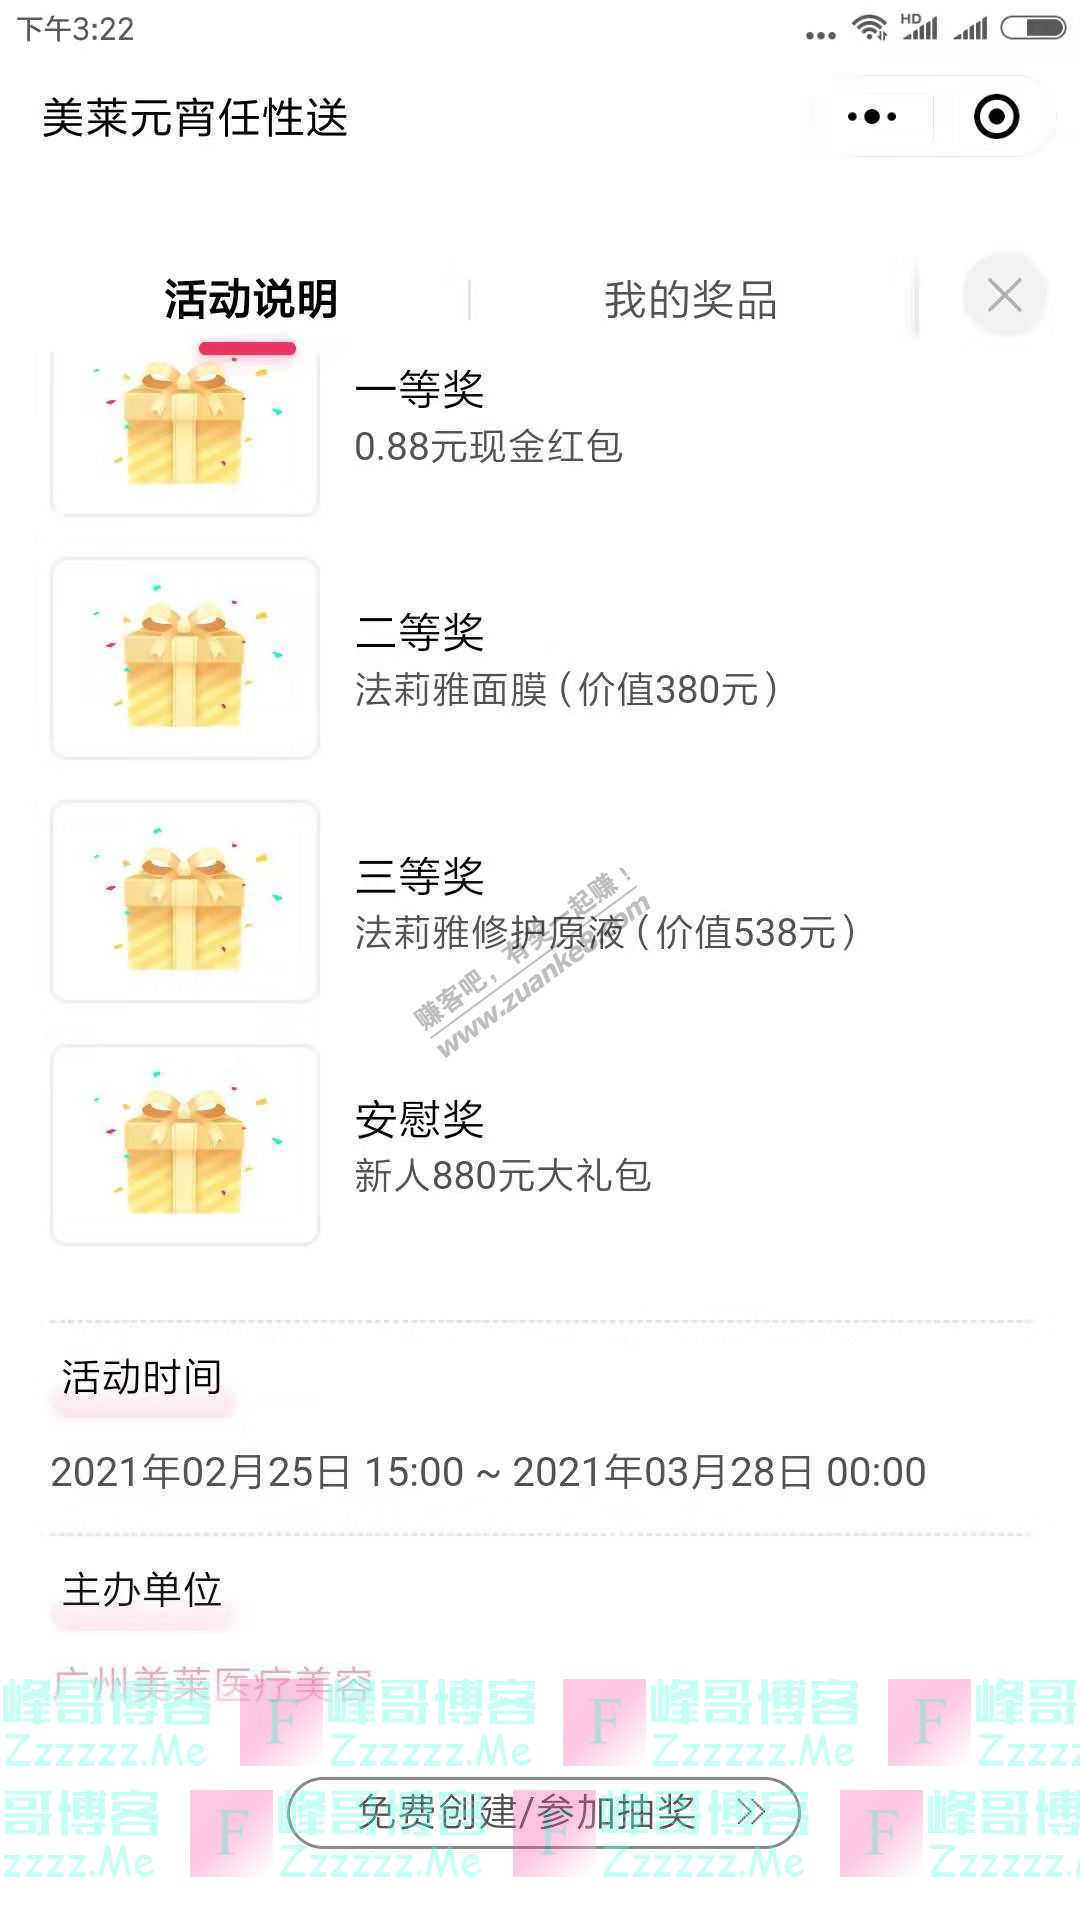 广州美莱医学美容元宵扭蛋赢现金(截止3月28日)